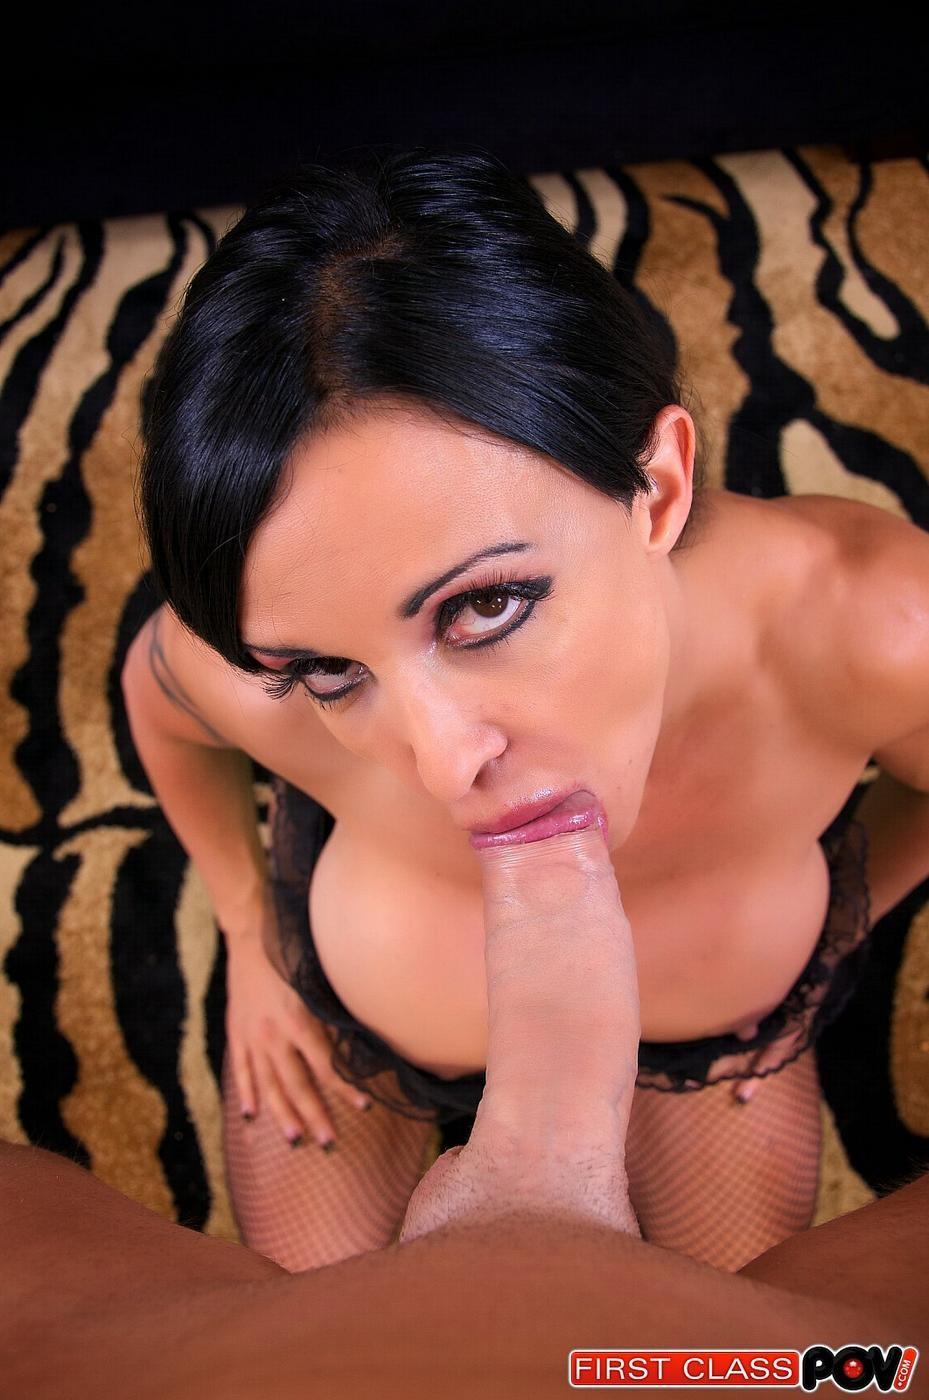 Big Ass Latina Pov Blowjob